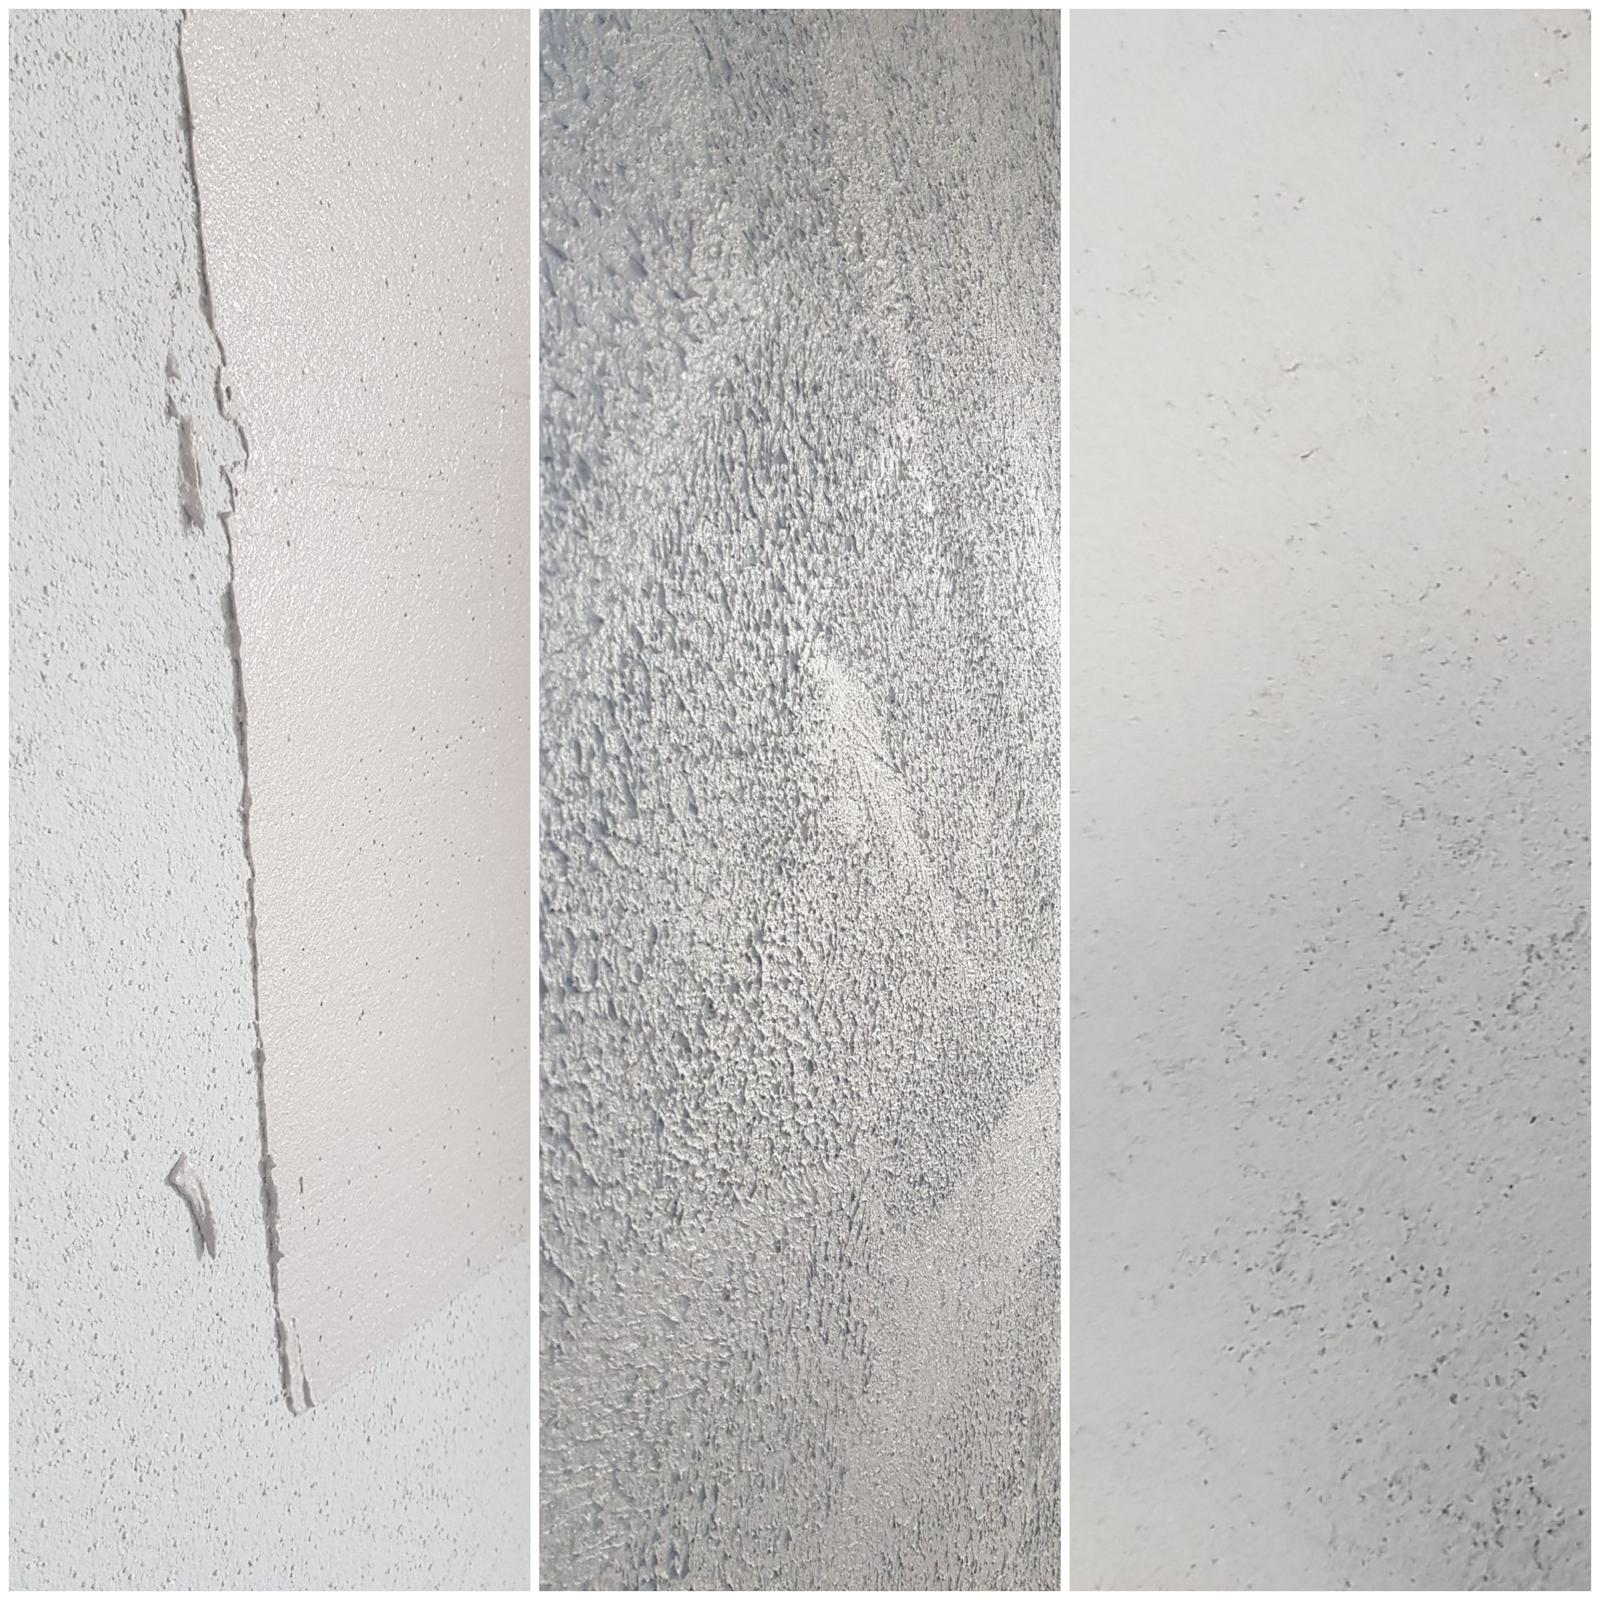 """Ten Náš ♧ projekt """"TOP""""♧ - Betonova omietka za telkou...najprv isiel na stenu penetrak prifarbeny kvapkou ciernej, potom cameleo betonova zmiesana zmes s vodou,natiahnuta ako kleber na stenu,potom sa porusila tato vrstva valcekom a opat sa vyhladila, uplne vpravo vyslednyefekt"""